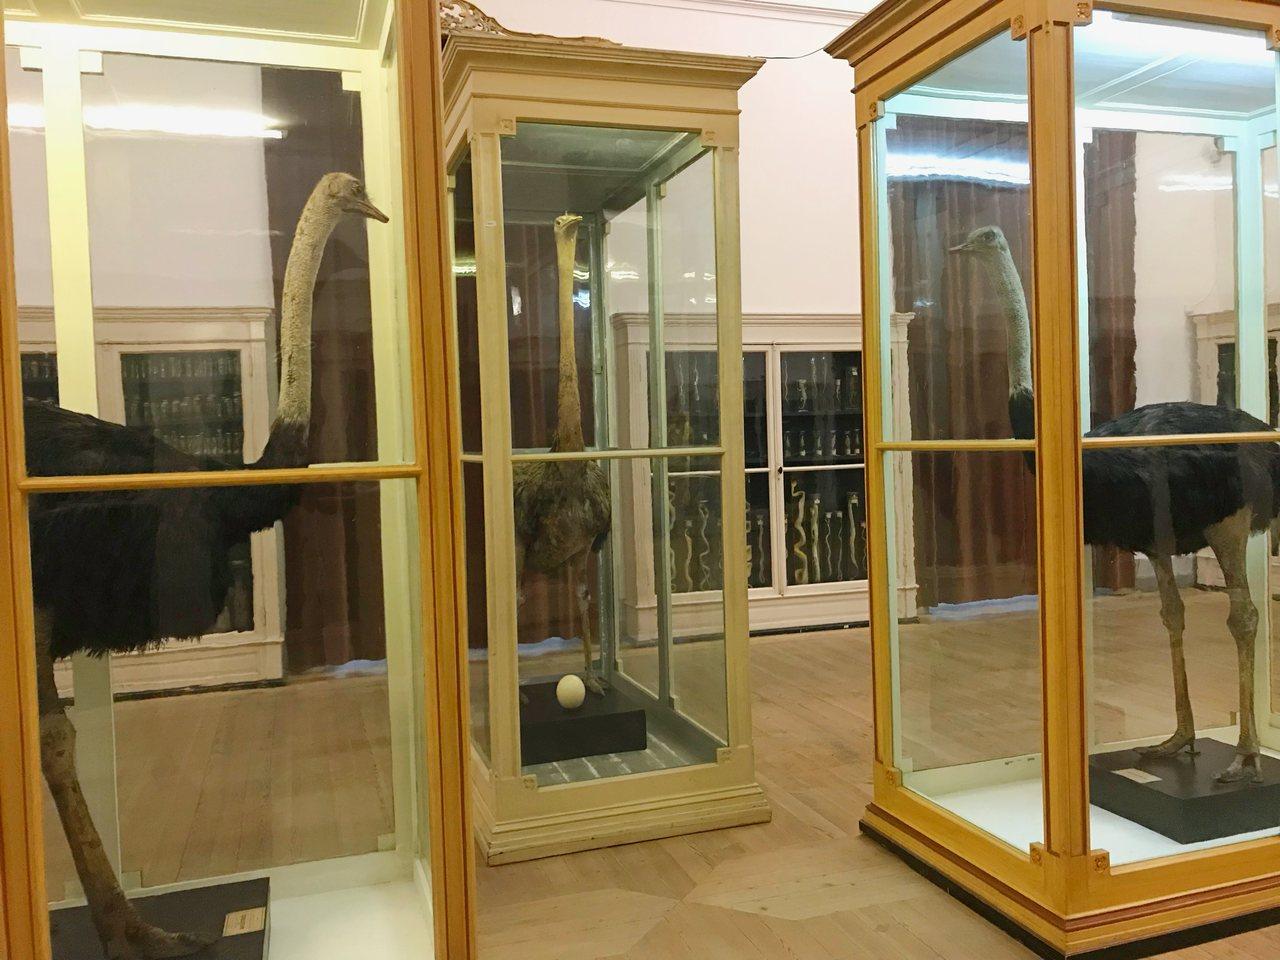 Três avestruzes embalsamadas em exposição no Museu da Ciência da Universidade de Coimbra. Foto de Diogo Pereira